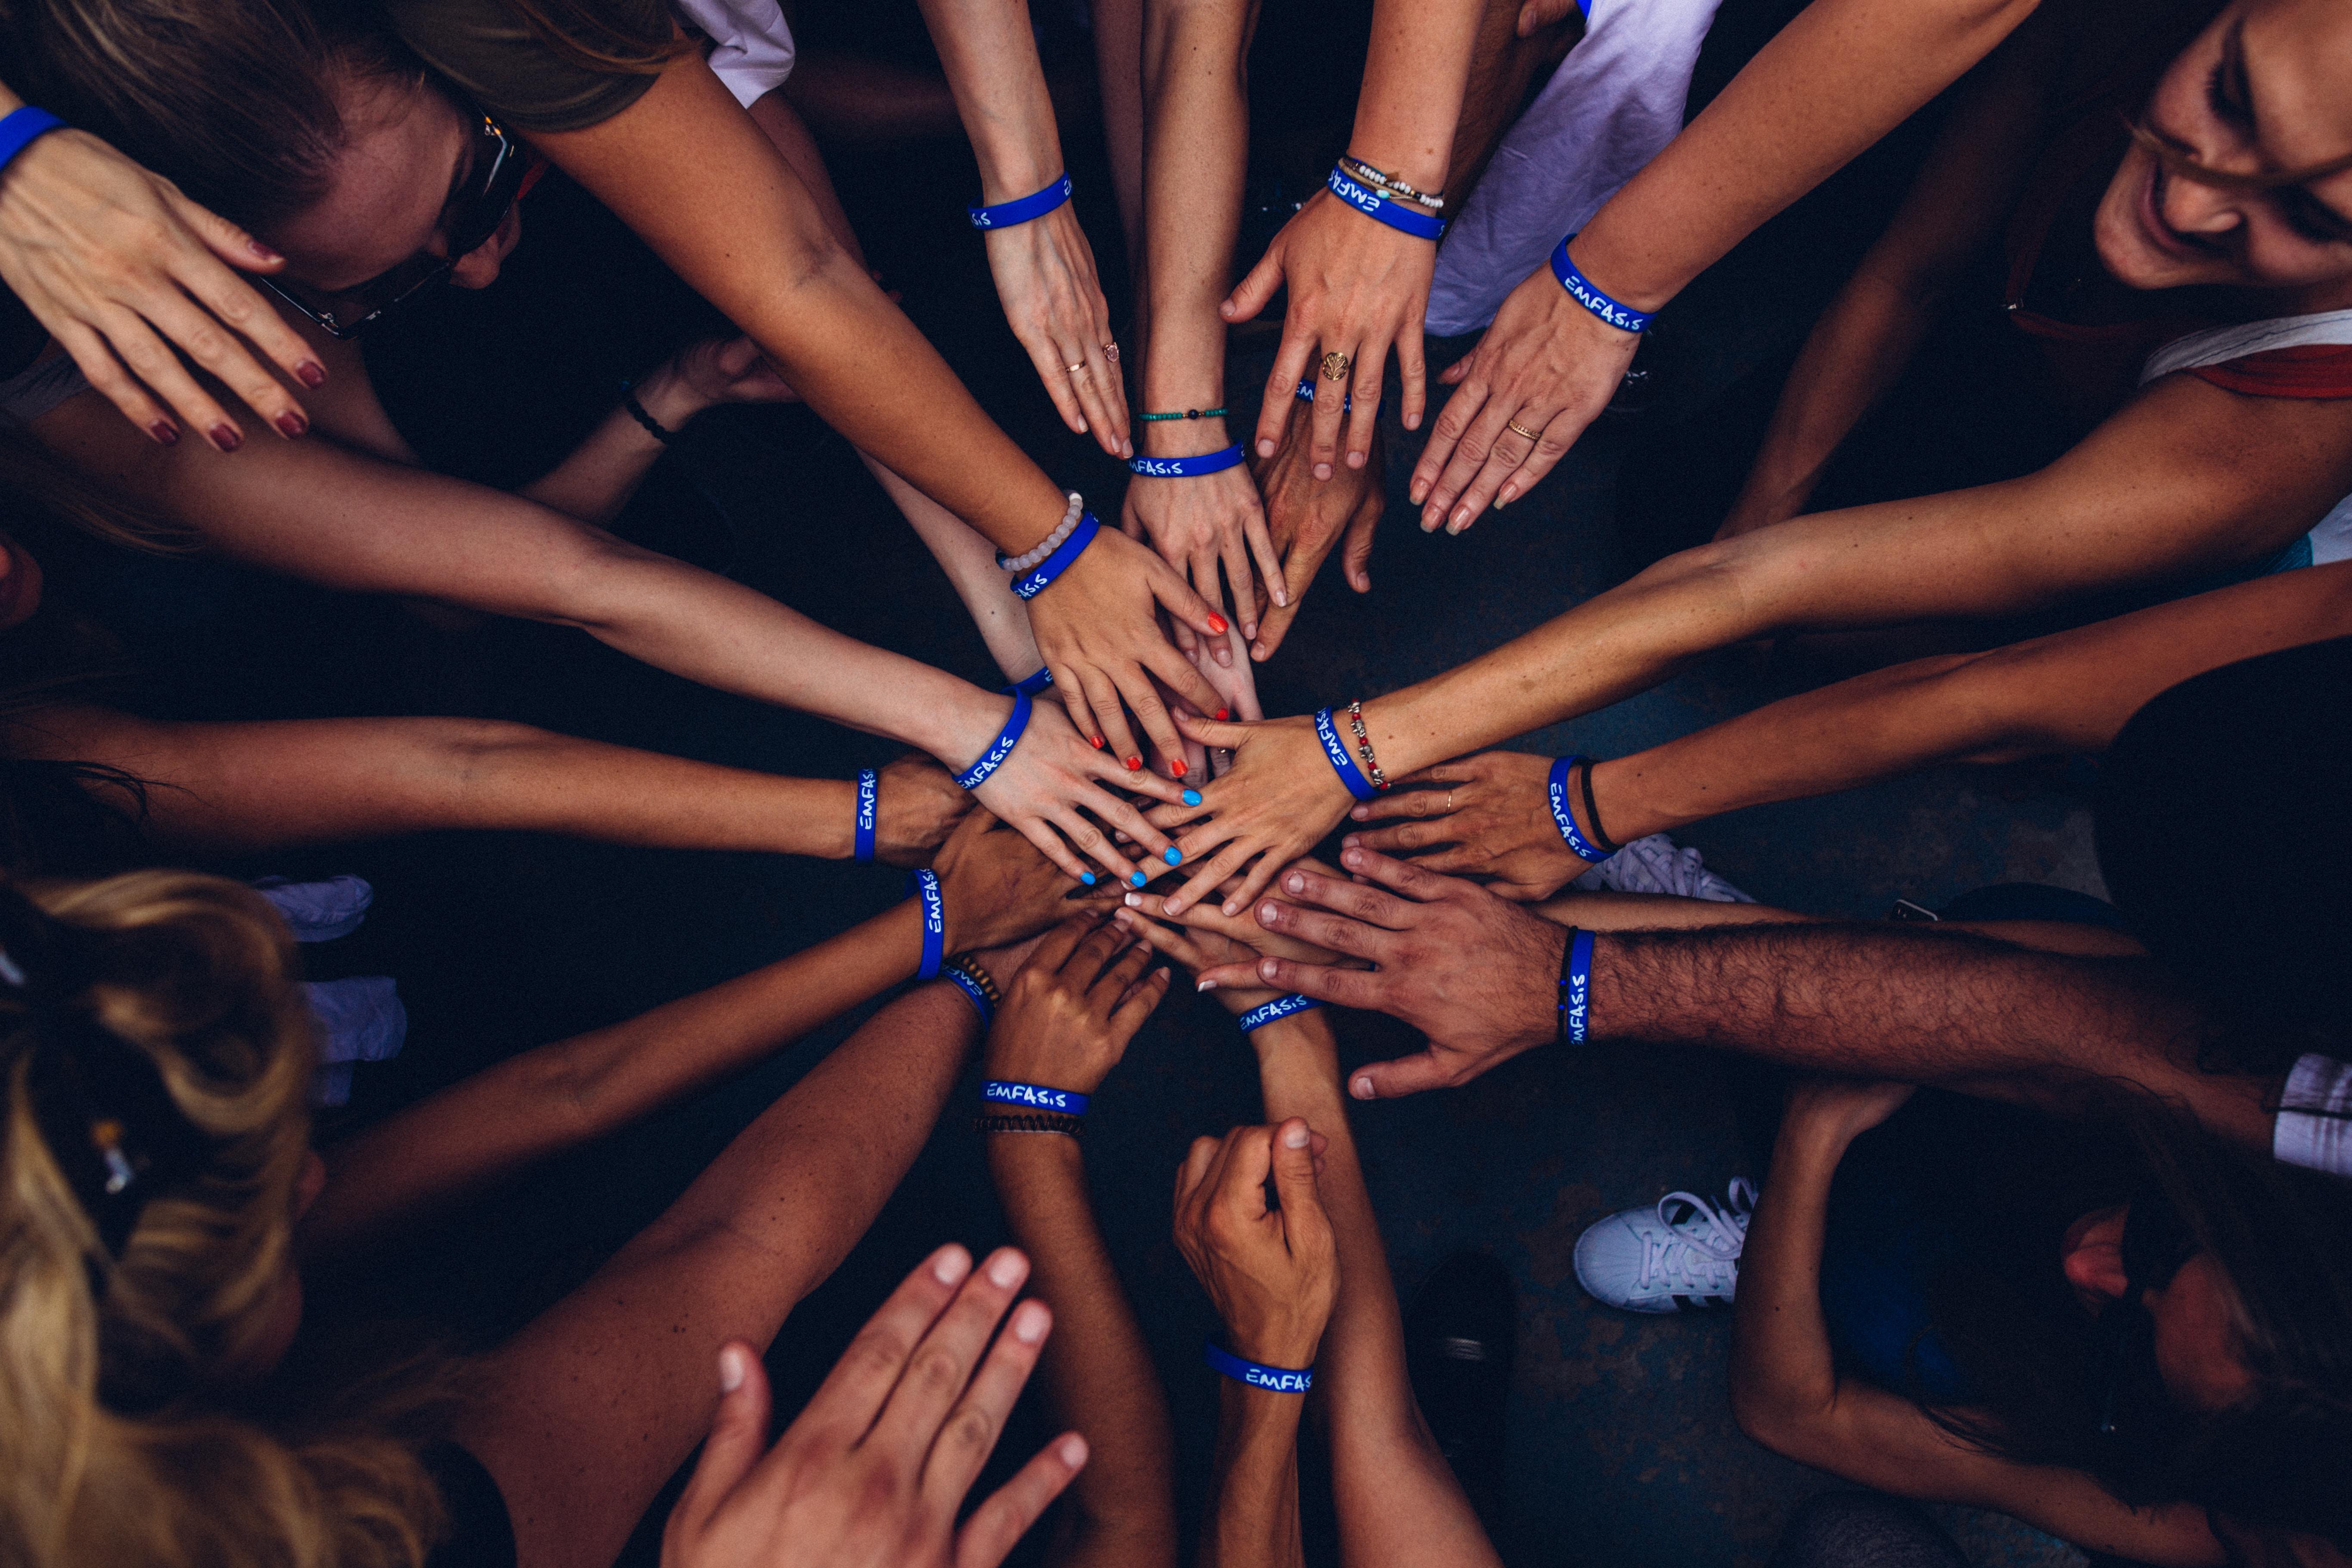 Primeiro semestre de 2019 é marcado por ações comunitárias na Doctum